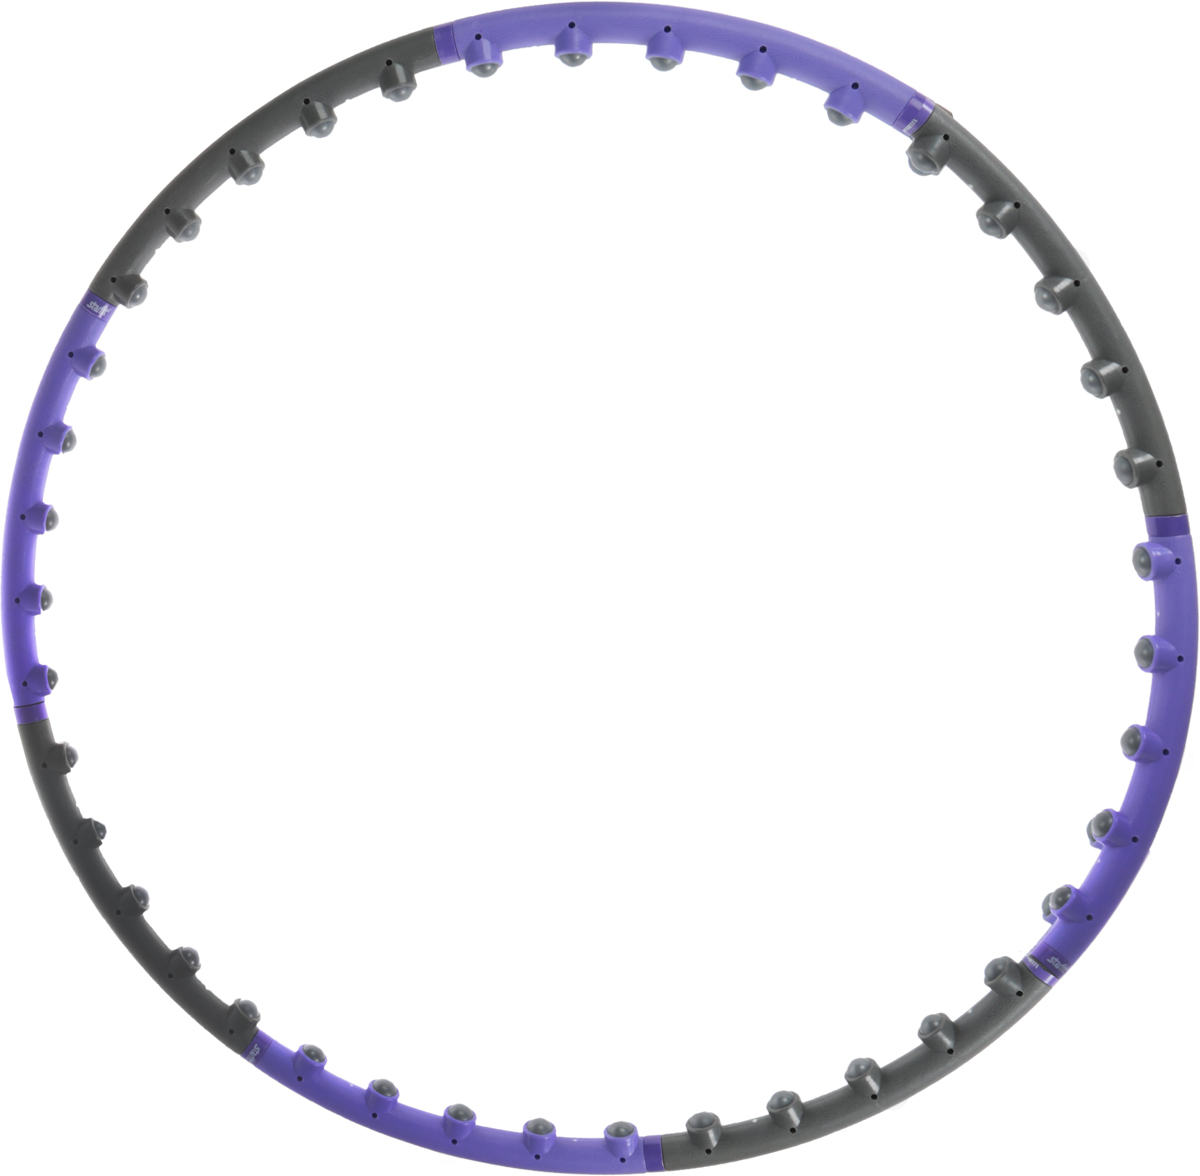 Обруч массажный Starfit, разборный, цвет: фиолетовый, серый, диаметр 98 смУТ-00007317_фиолетовый, серыйStar Fit - это массажный разборный обруч от популярного австралийского бренда.Обруч легко собирается и разбирается. Диаметр регулируется, благодаря чемуобруч подходит взрослым и детям. Упражнения с этим обручем сжигают большекалорий, чем с обычным. Улучшается кровообращение, усиливается мышечныйтонус, что приводит к более активному сжиганию жира.Массажный обруч развивает координацию движений, гибкость, силу, чувстворитма, артистичность, укрепляет вестибулярный аппарат. Сжигает подкожныйжир в проблемных участках тела, улучшает состояние кожи в области талии,живота и бёдер. Нормализует работу кишечника. Тренирует и развивает мышцырук, плеч, спины и ног.С помощью обруча можно выполнять большое количество упражнений изгимнастики, и упражнений на растяжку. Массажный обруч удобен и прост виспользовании. Не требует особых знаний и места для занятий.Достаточно вращать обруч 10-20 минут в день и таким образом фигура изменитсяв положительную сторону.Как выбрать кардиотренажер для похудения. Статья OZON Гид